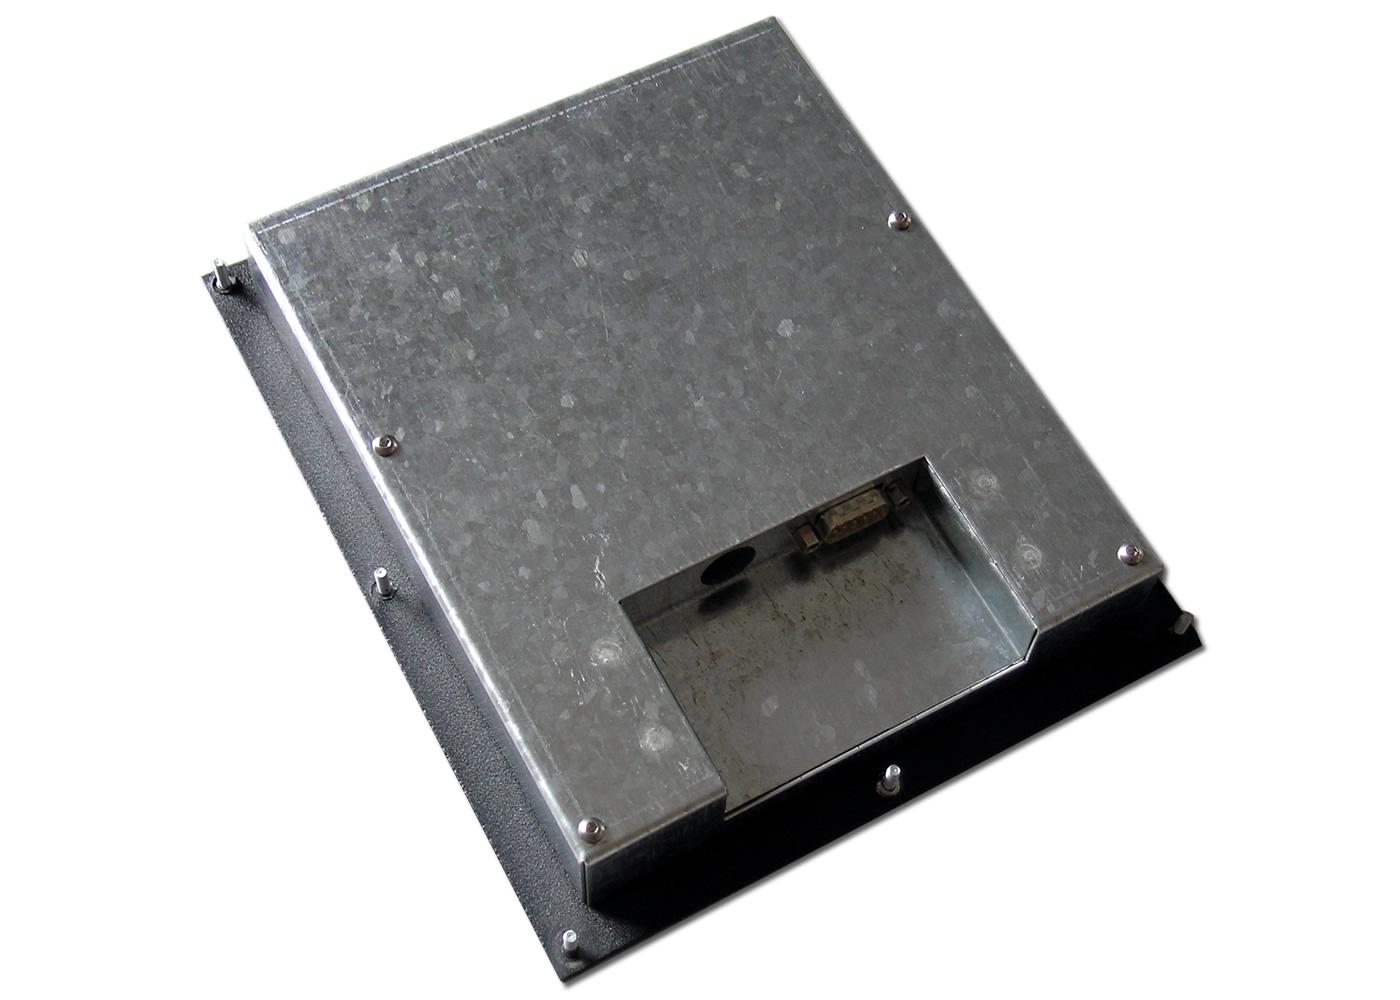 Terminal industriel avec clavier inox antivandale 12 touches avec afficheur 4×20 caractères interface RS232 – Vue arrière